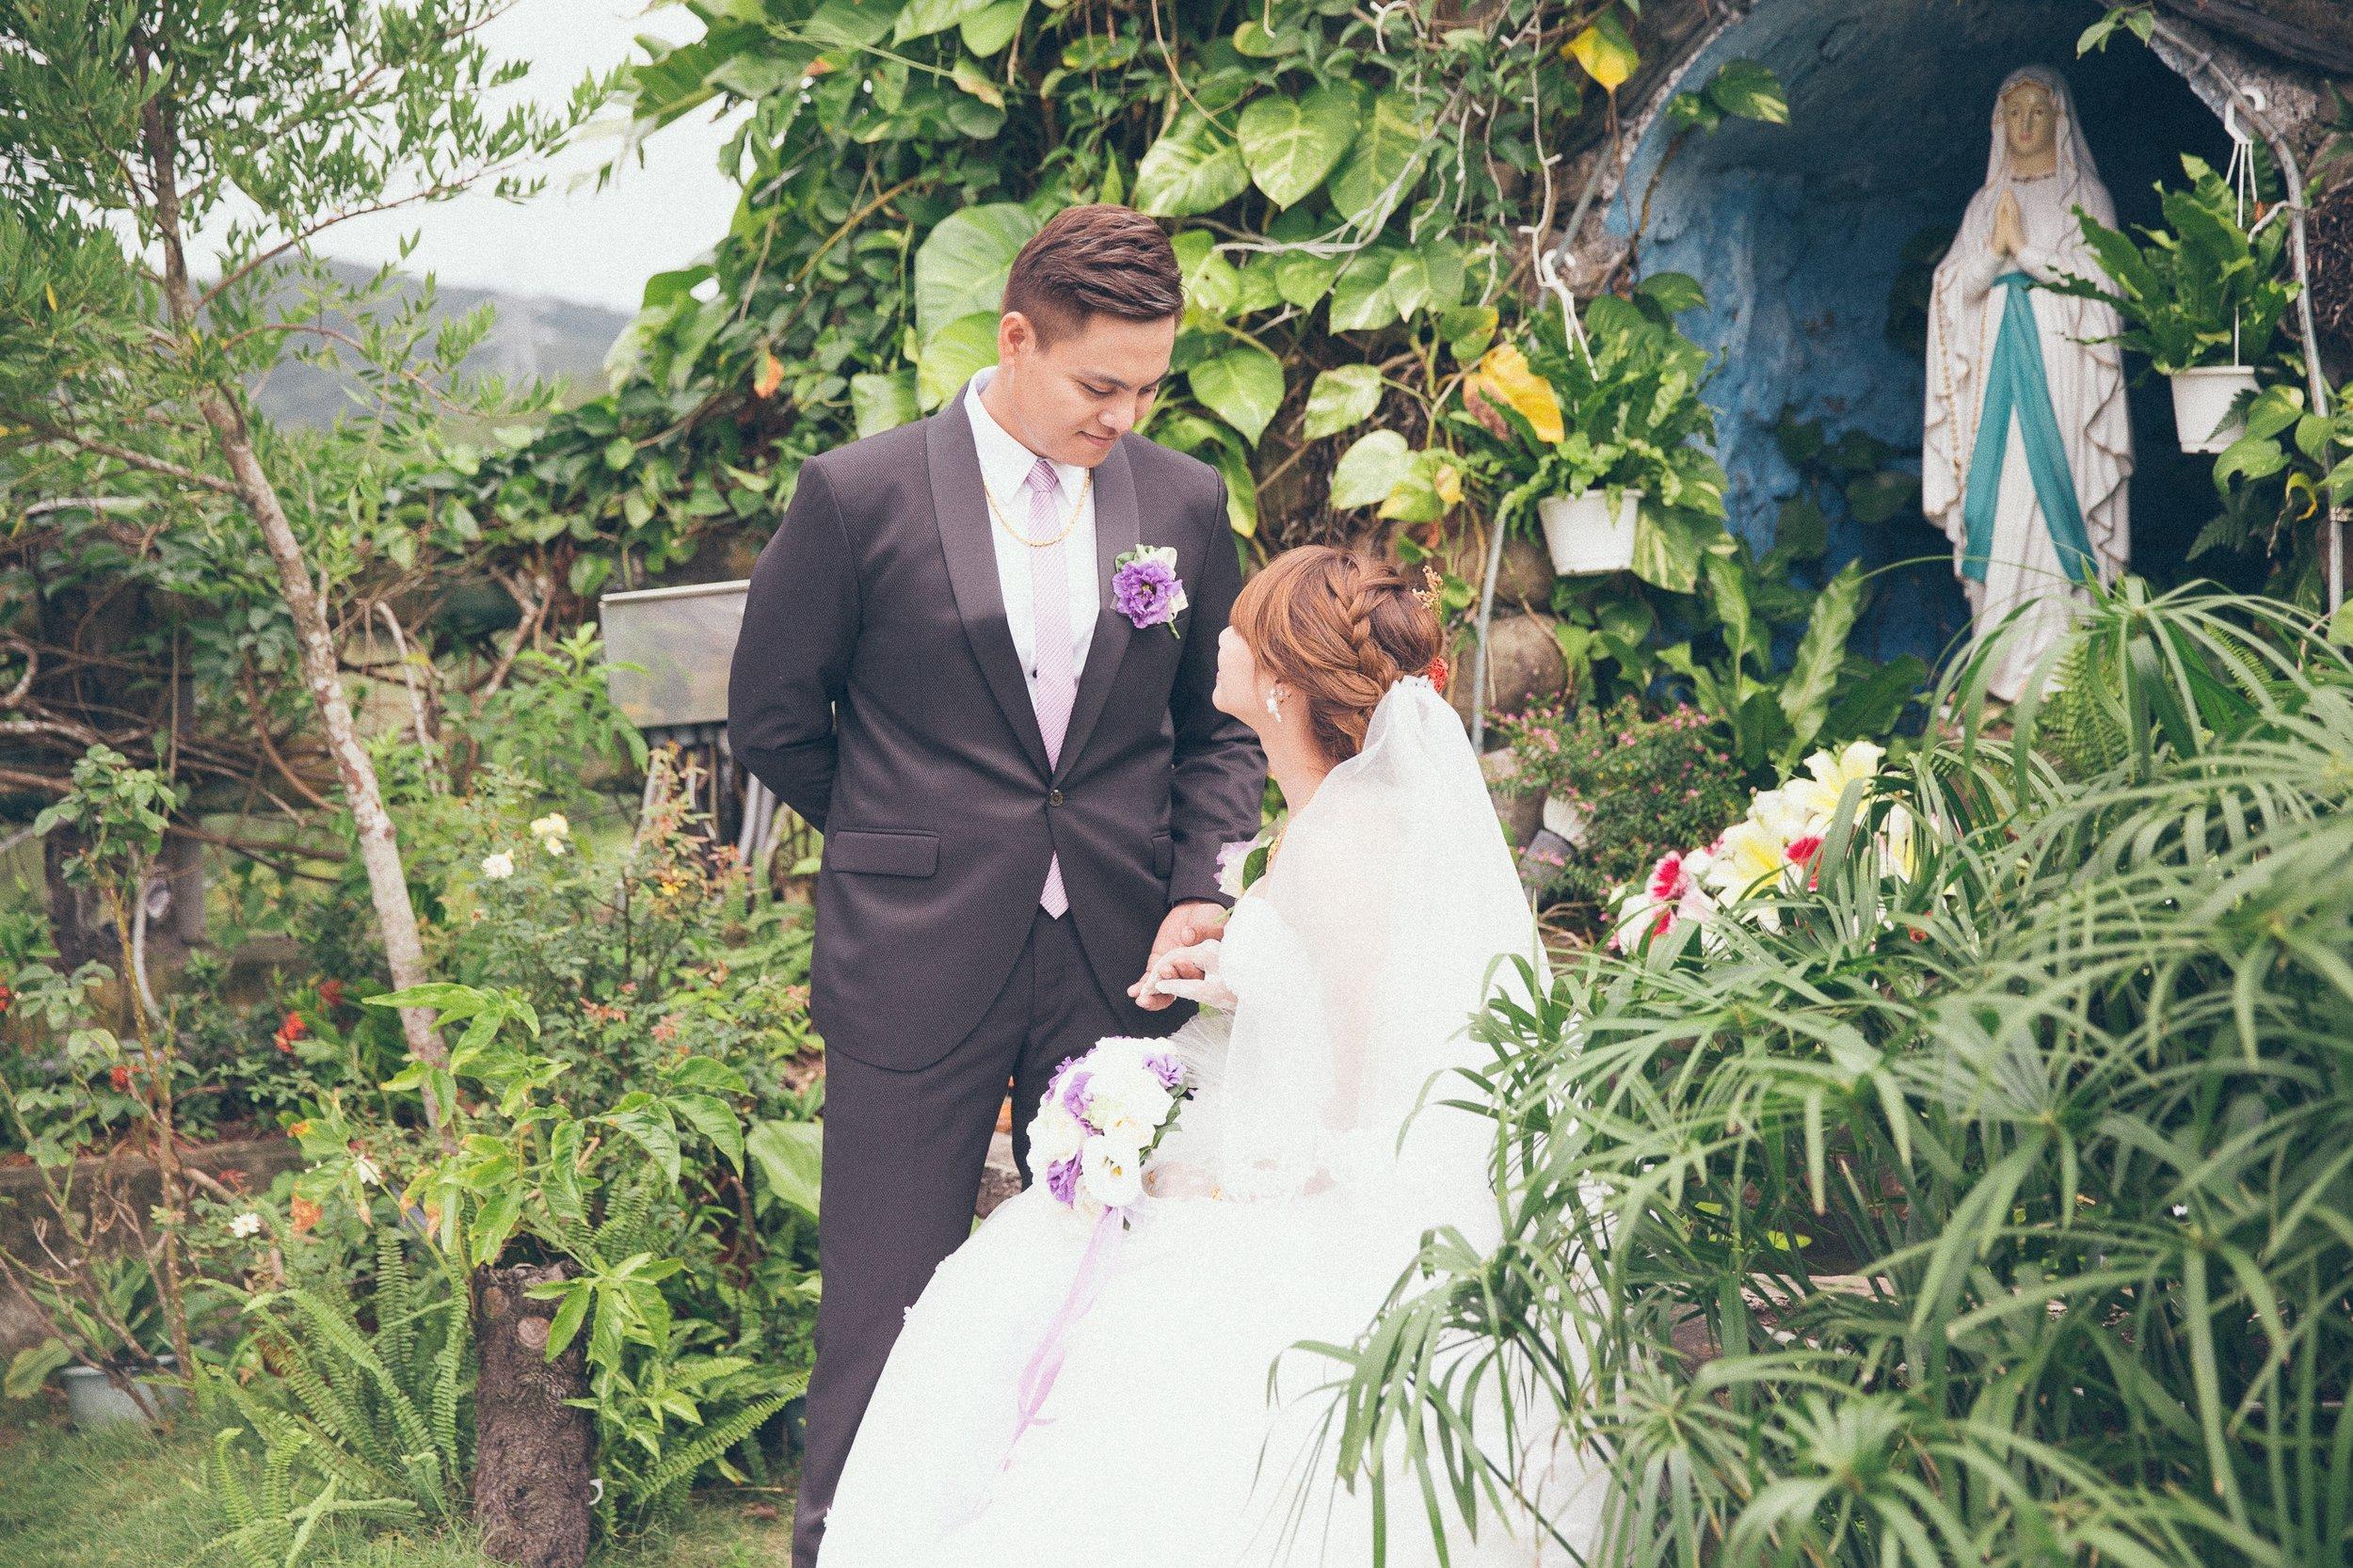 婚禮紀錄-推薦婚攝-默默推薦-高雄婚攝89.jpg